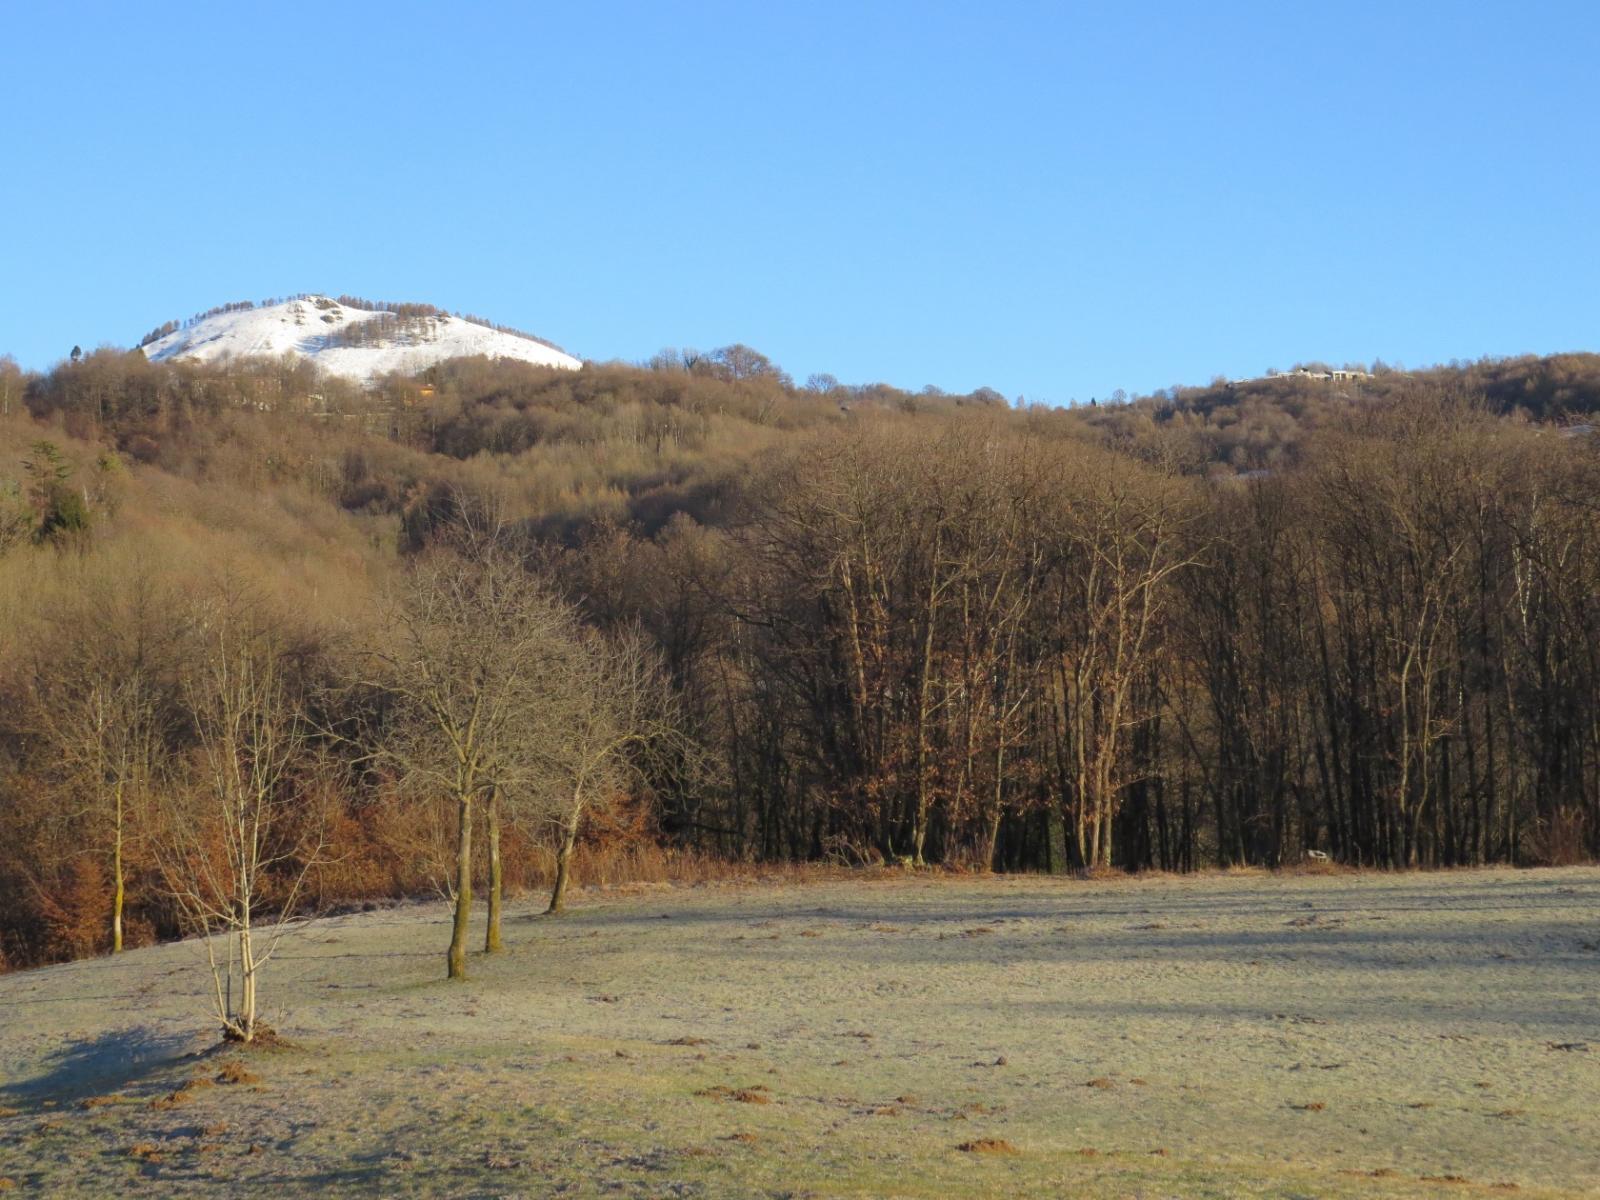 Salendo verso Villa Castelnuovo, in alto il Monte Calvo